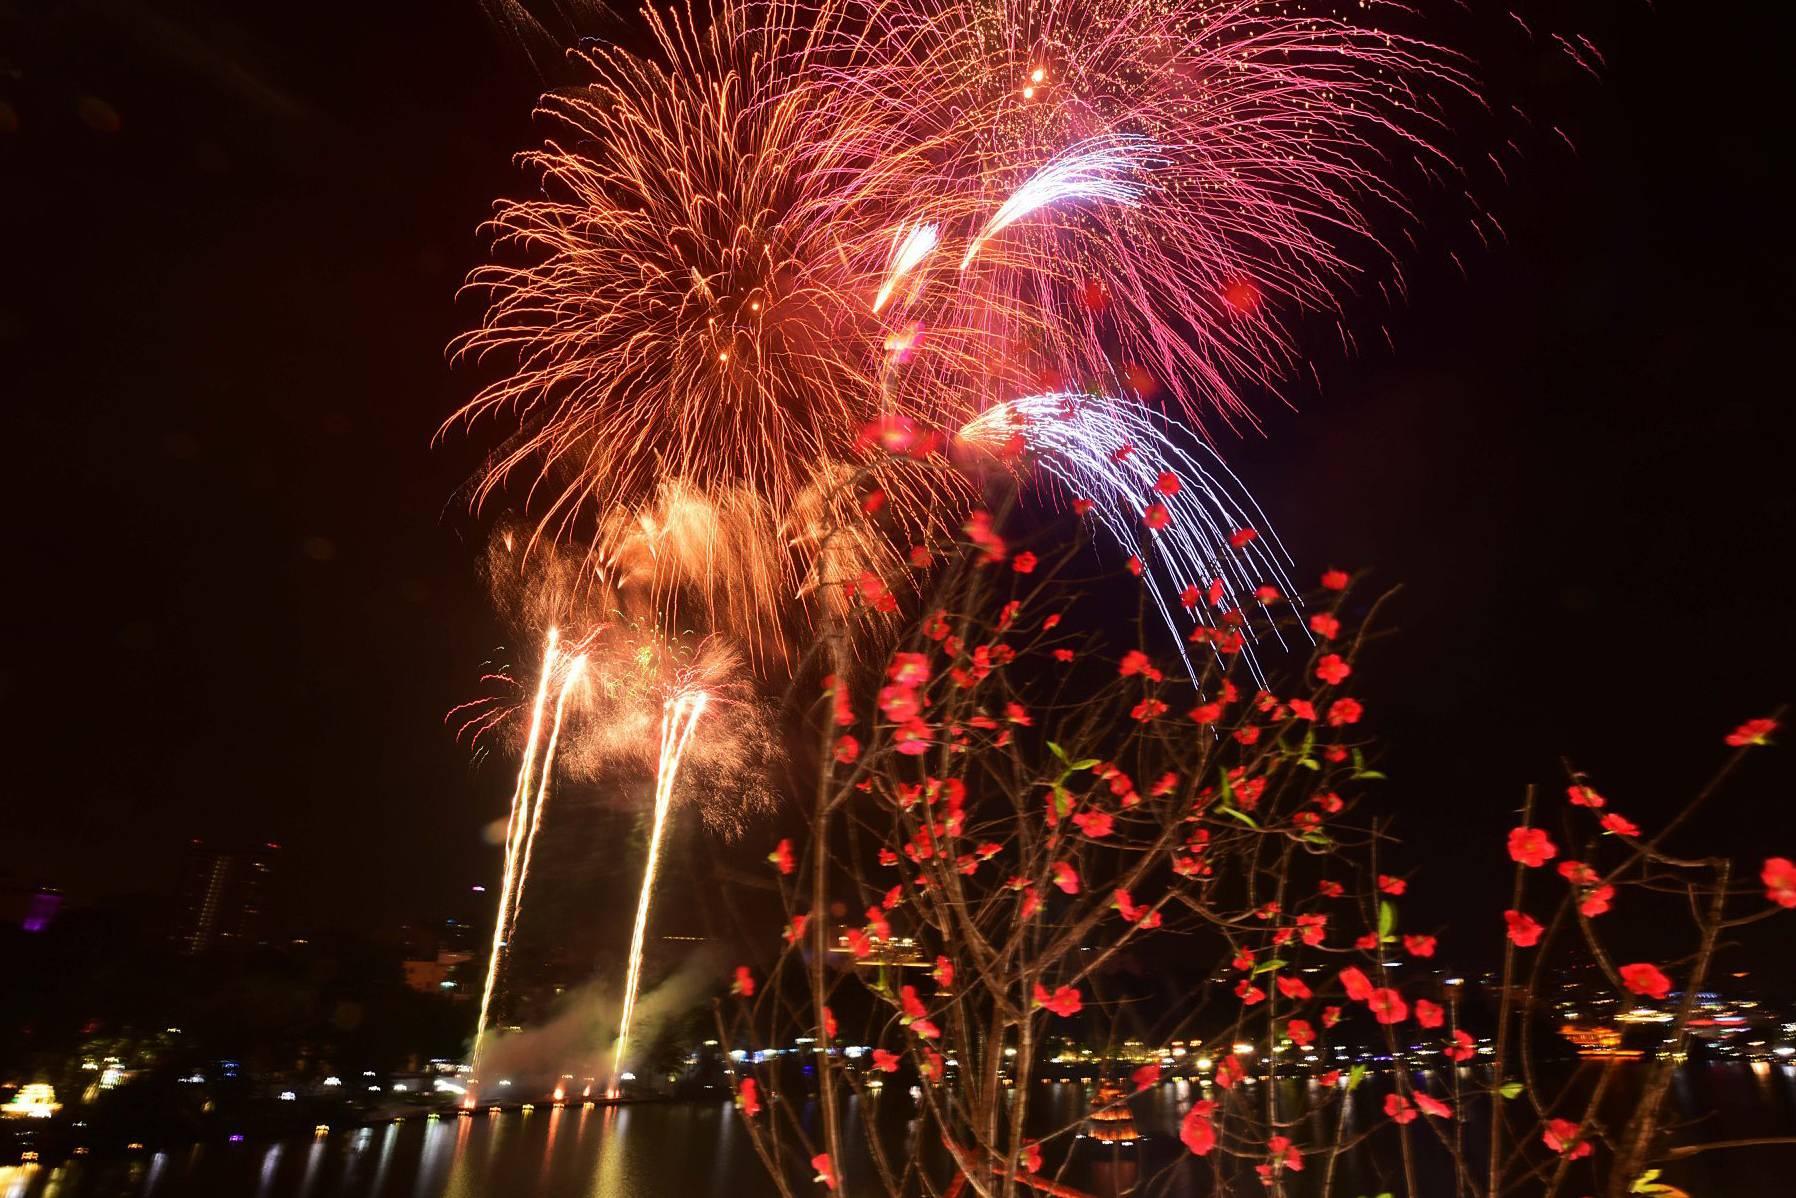 Địa điểm bắn pháo hoa Tết Canh Tý 2020 ở Hà Nội và Thành phố Hồ Chí Minh